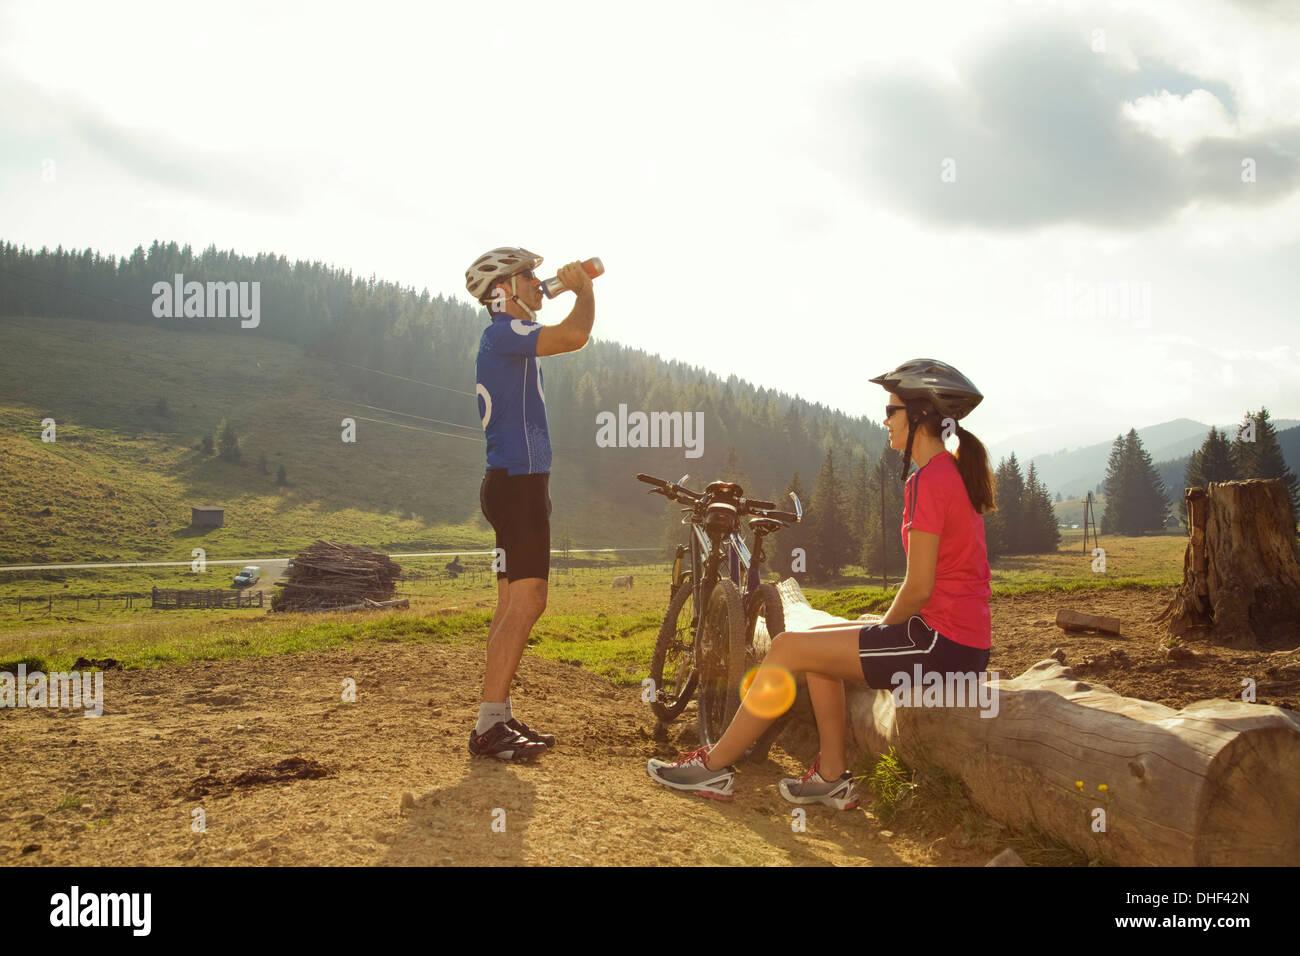 Mann und Frau ruht mit Mountain-Bikes, Steiermark, Österreich Stockbild